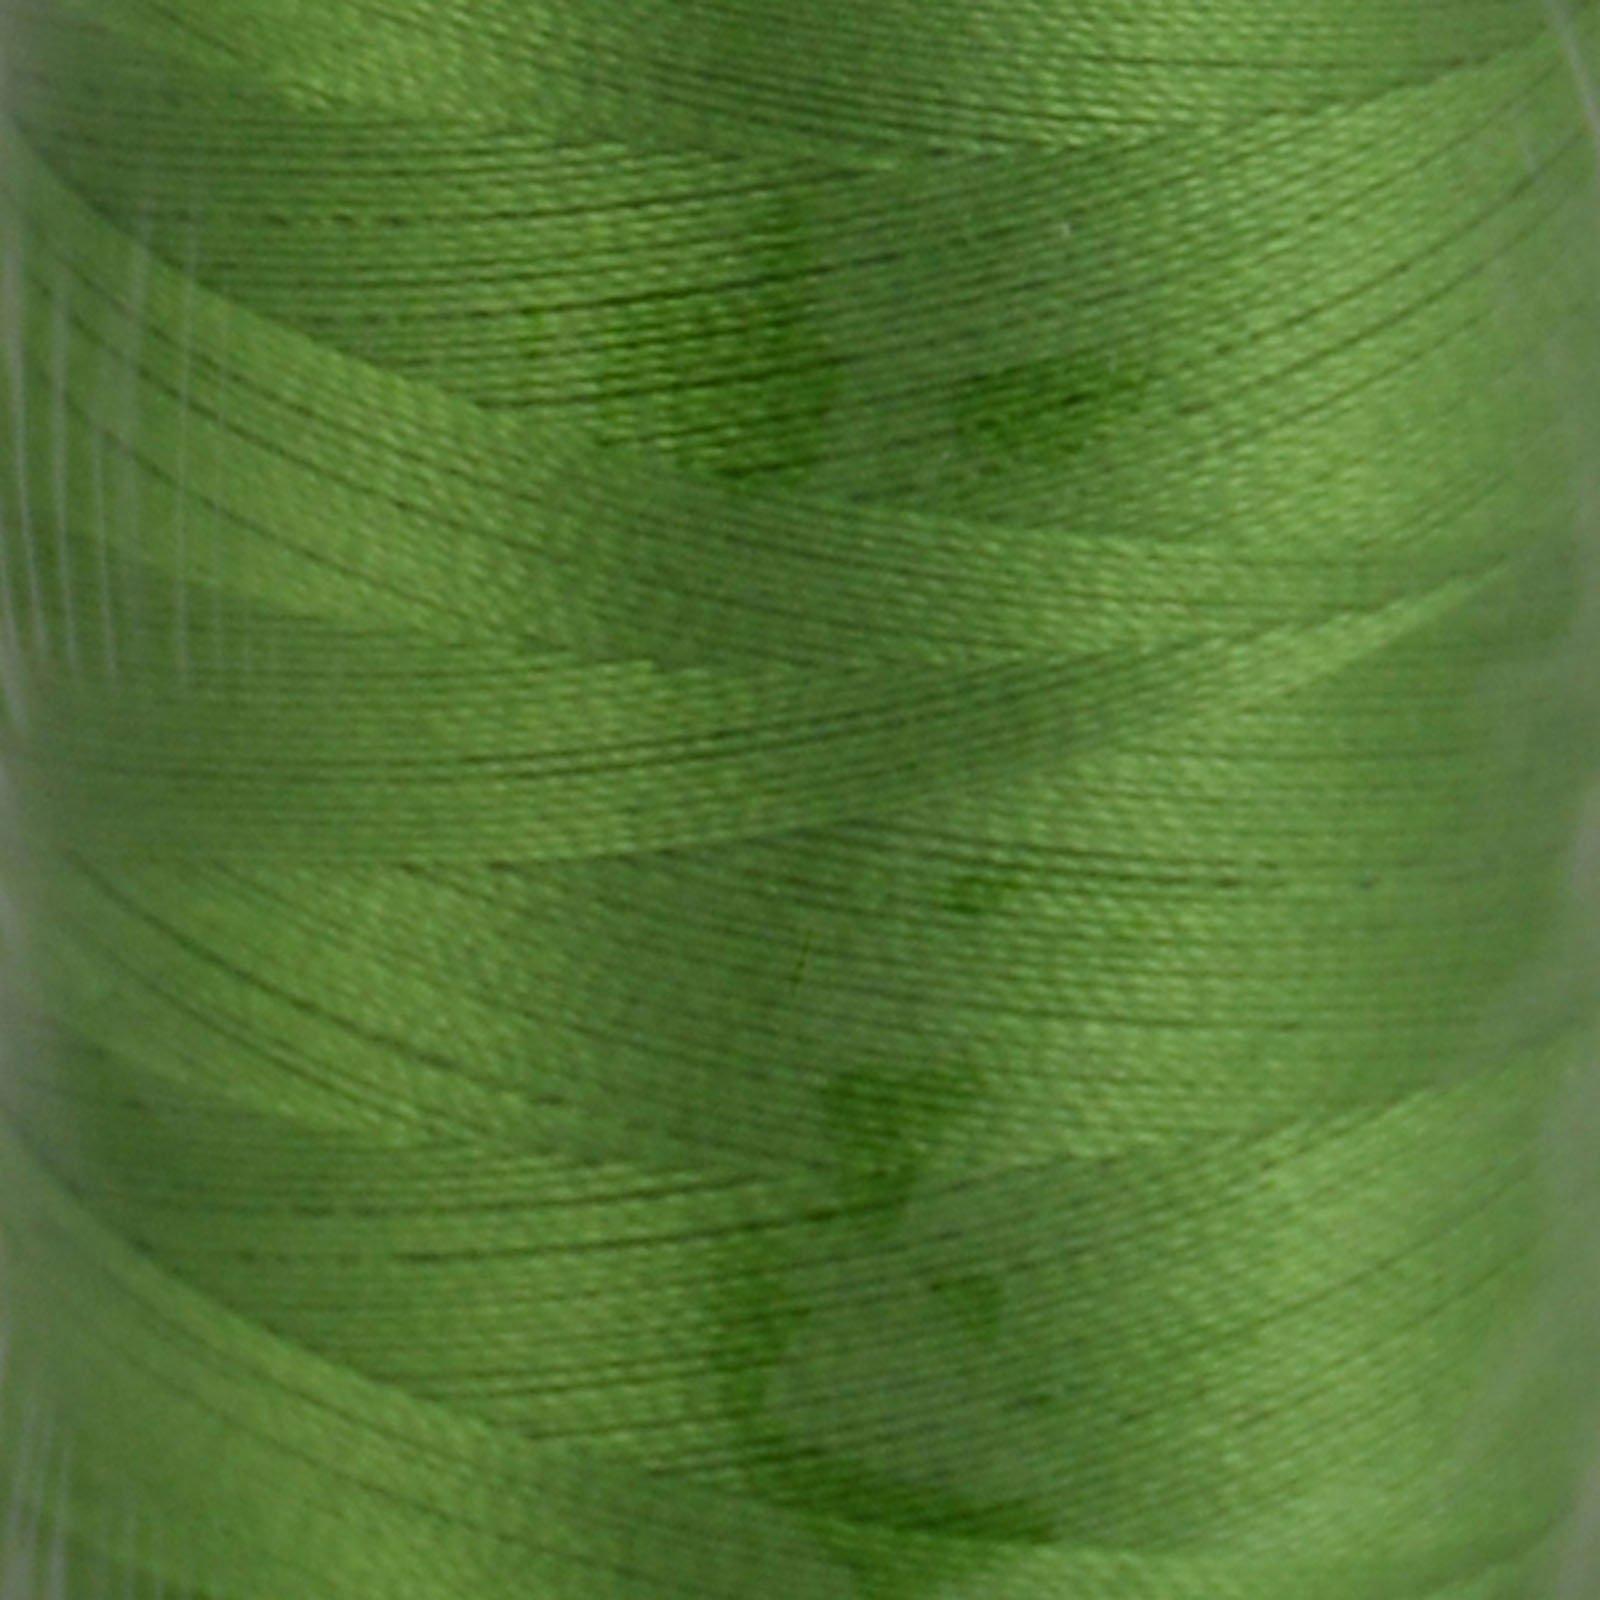 # 1104 Grass Green